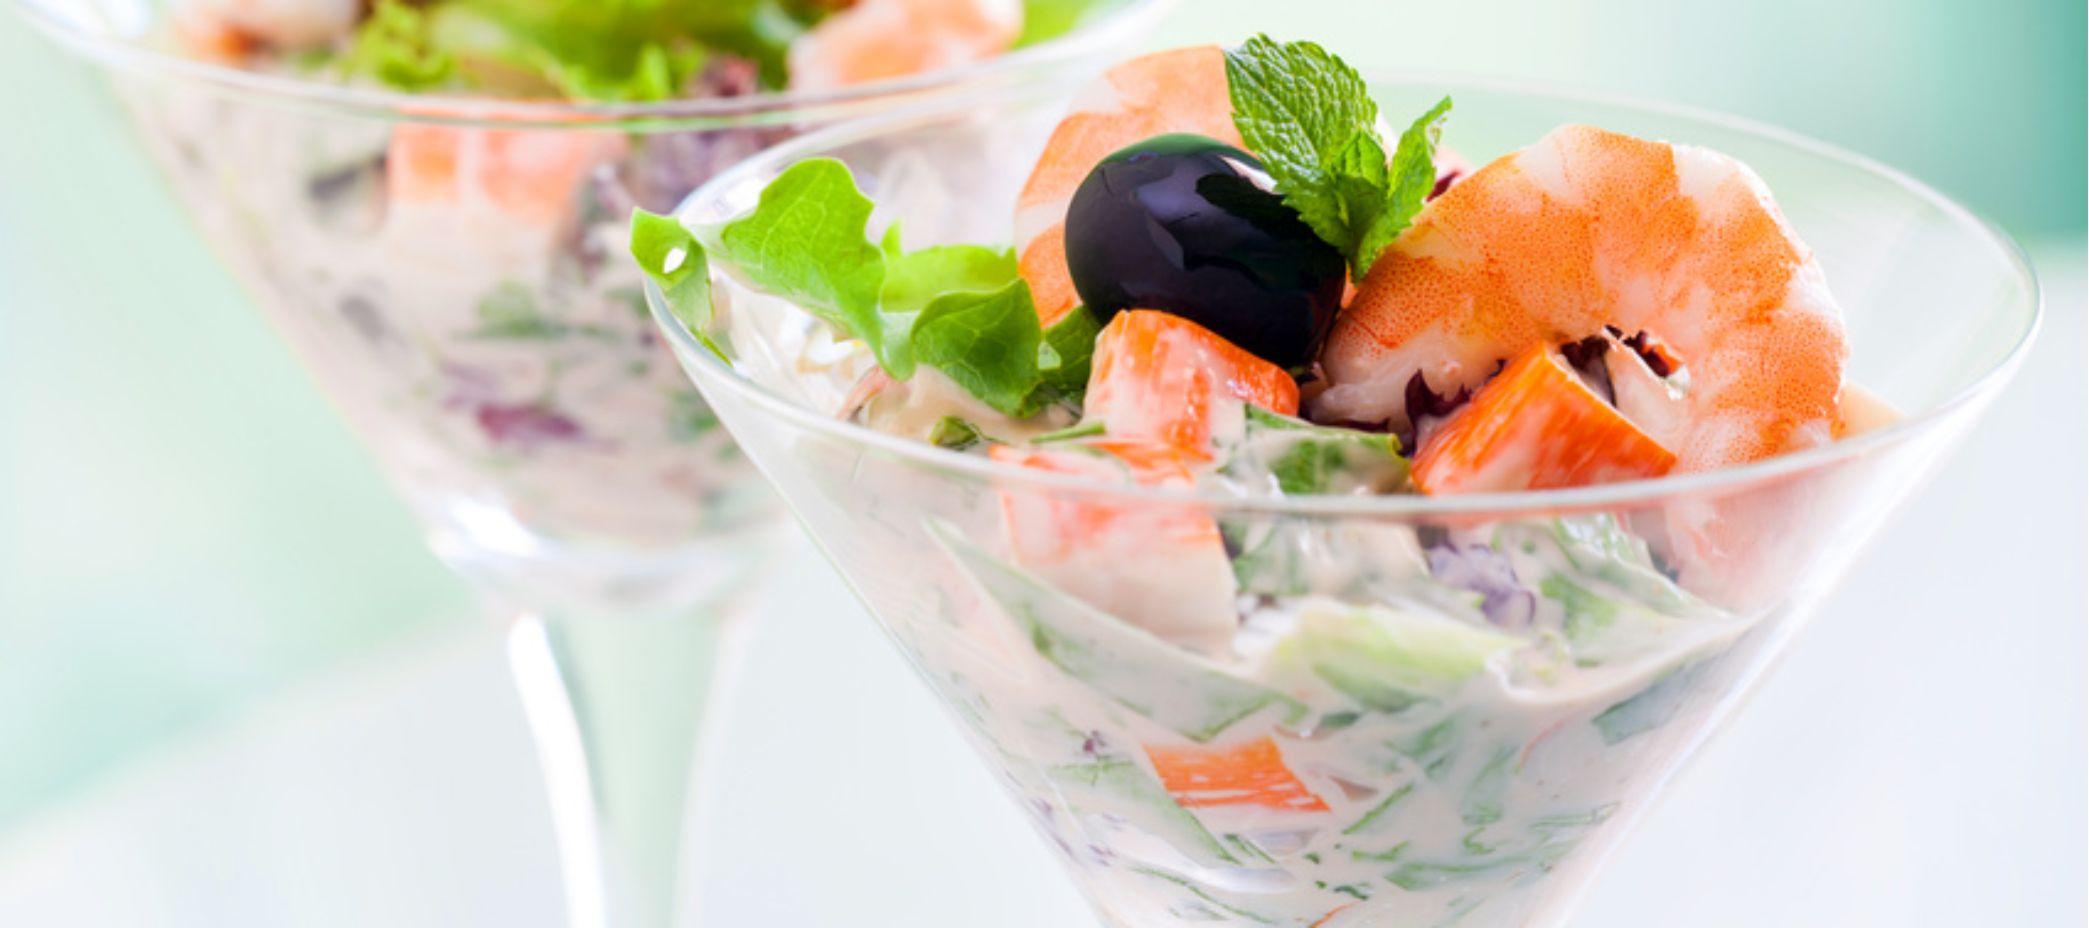 Meeresfruechtesalate